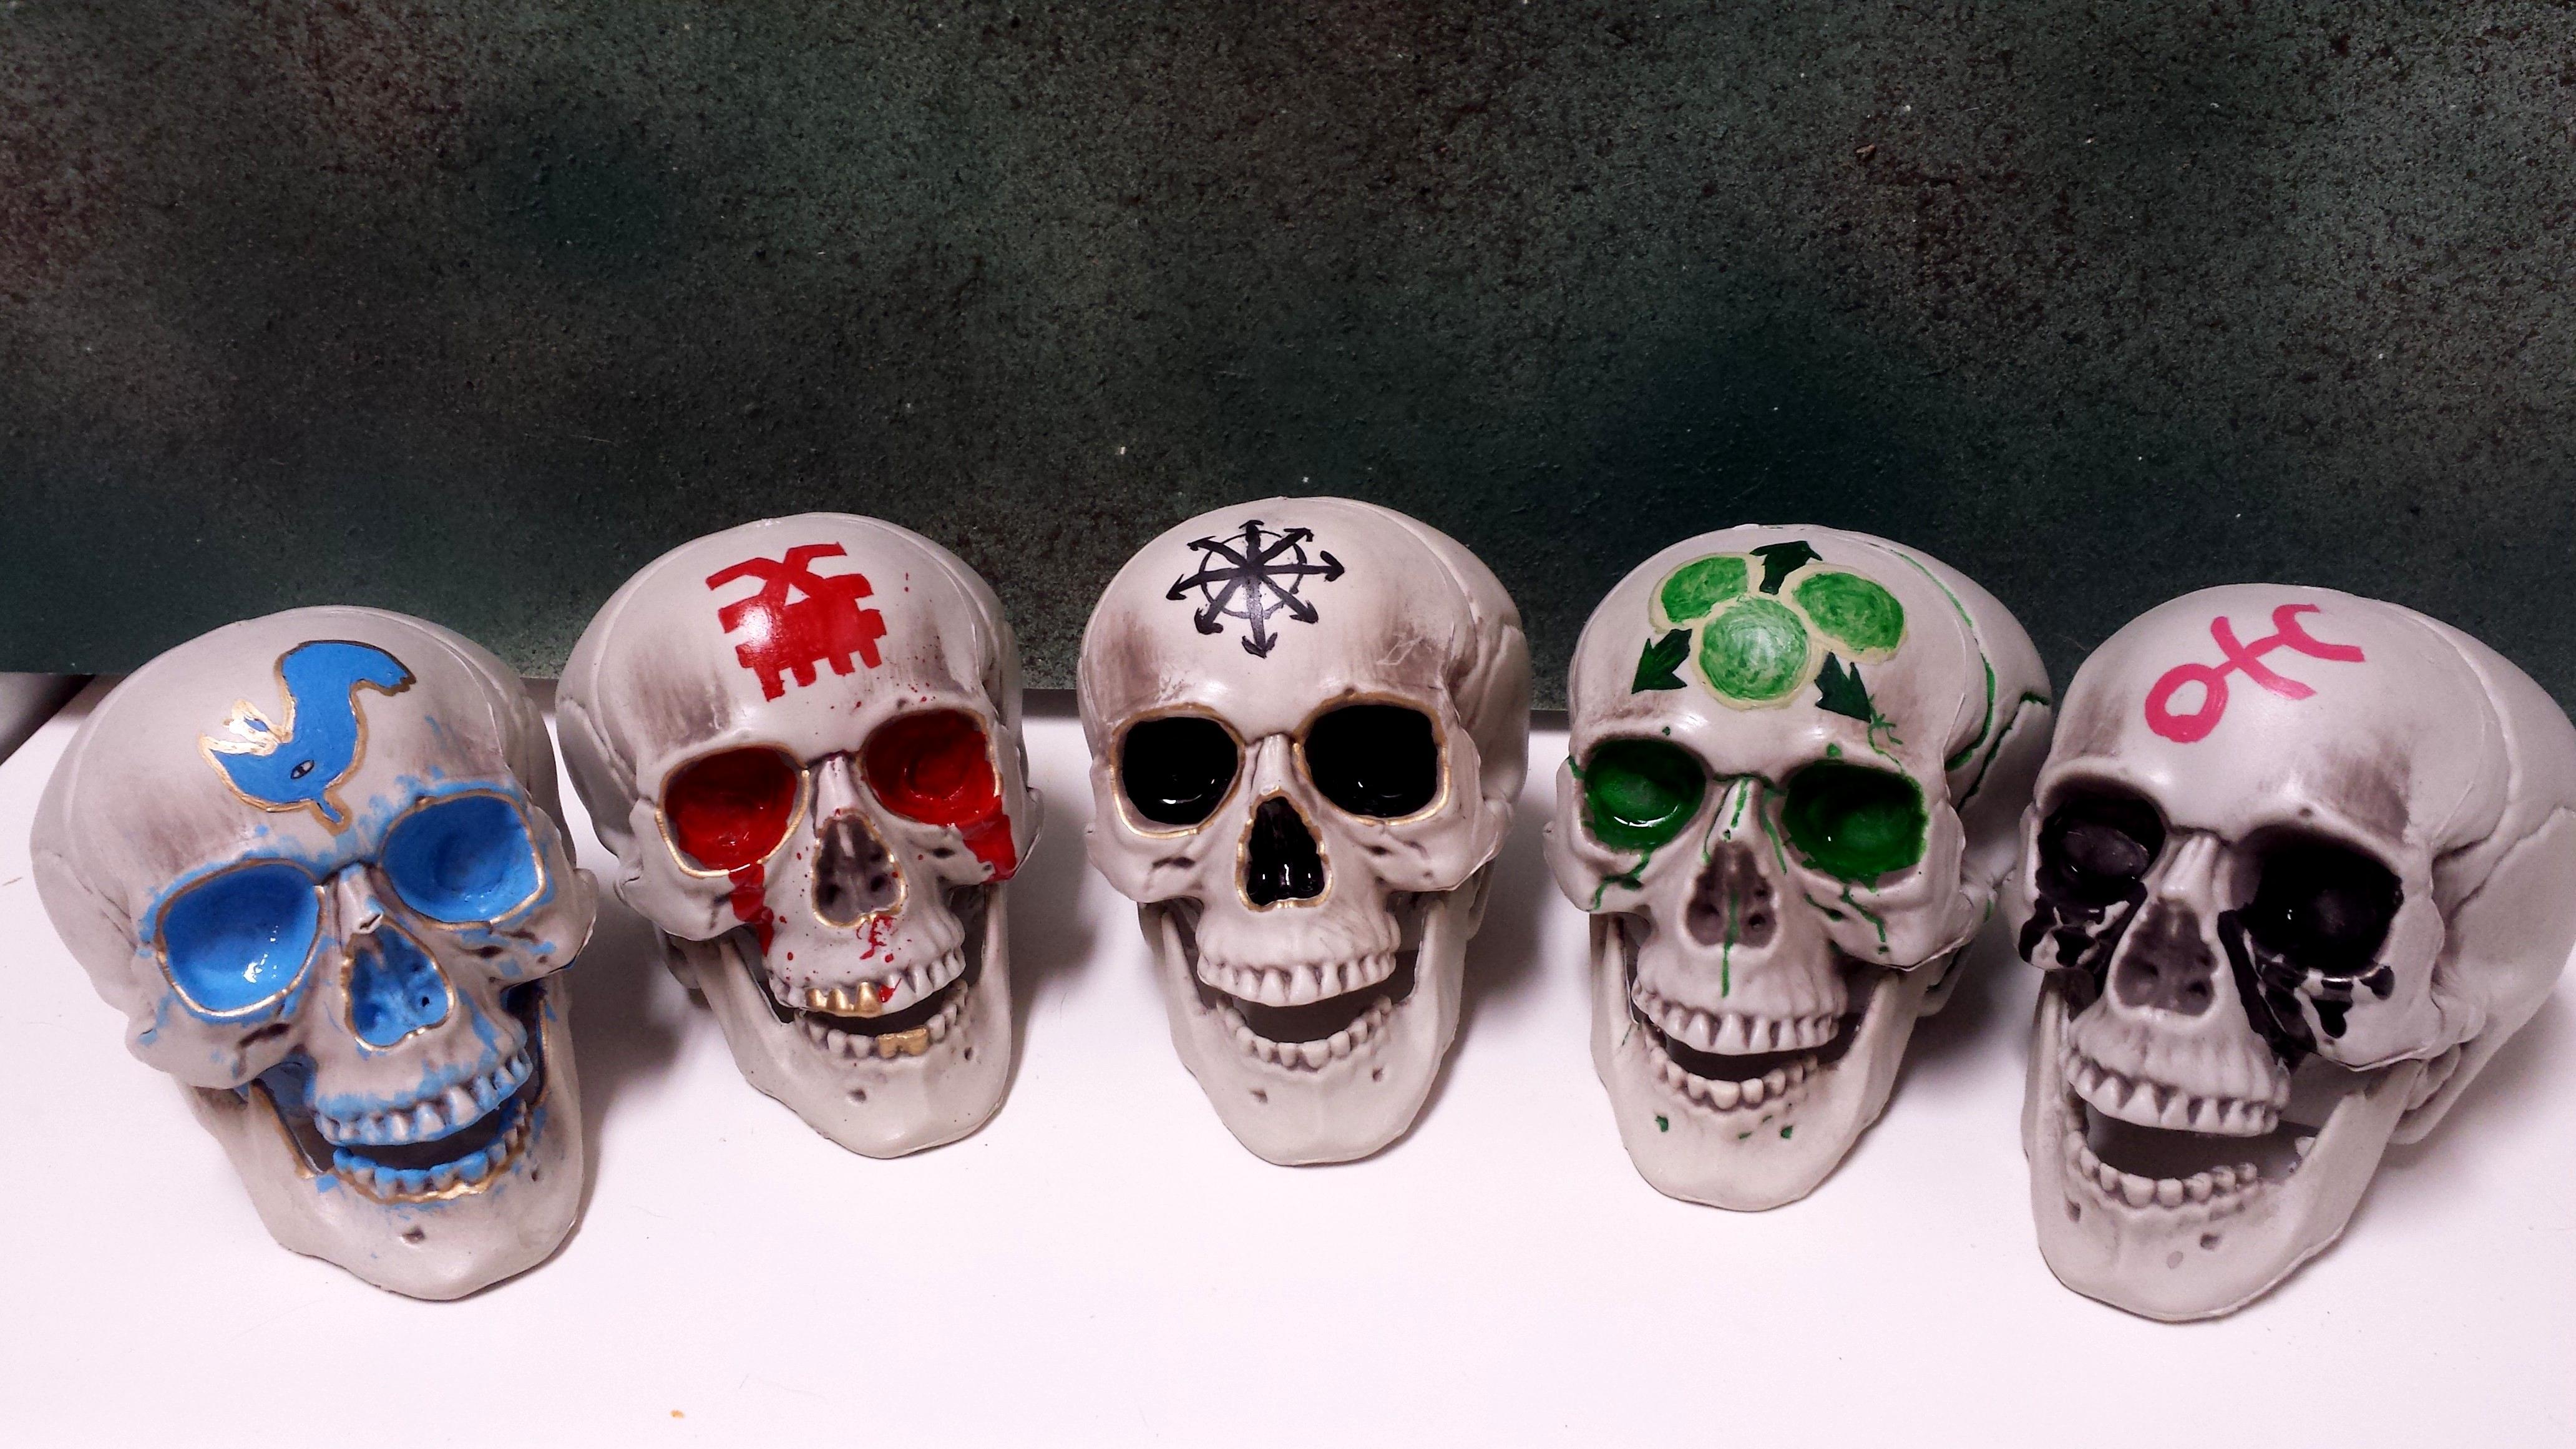 Chaos, Khorne, Nurgle, Skull, Slaanesh, Tzeentch, Warhammer 40,000, Warhammer Fantasy